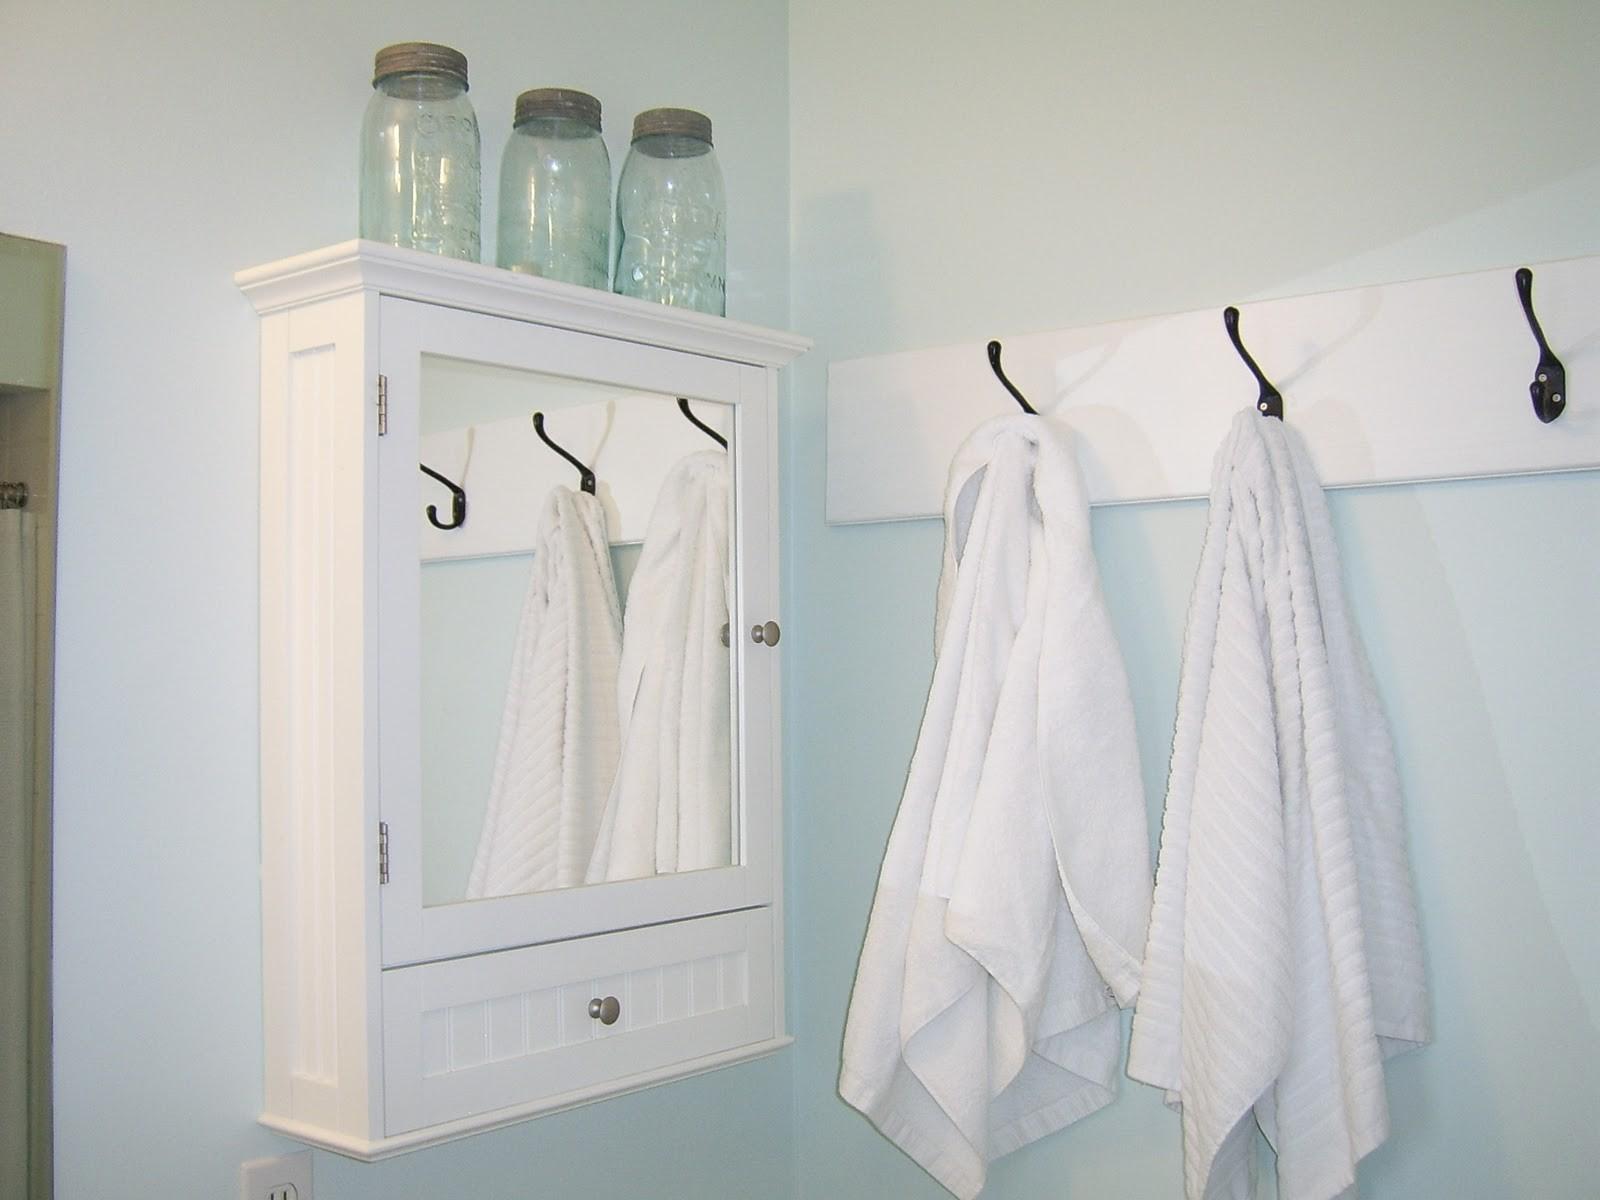 Bathroom towel Hooks Terrific Bathroom towel Hooks Cool Bathroom towel Hooks Bathrooms Remodeling Design